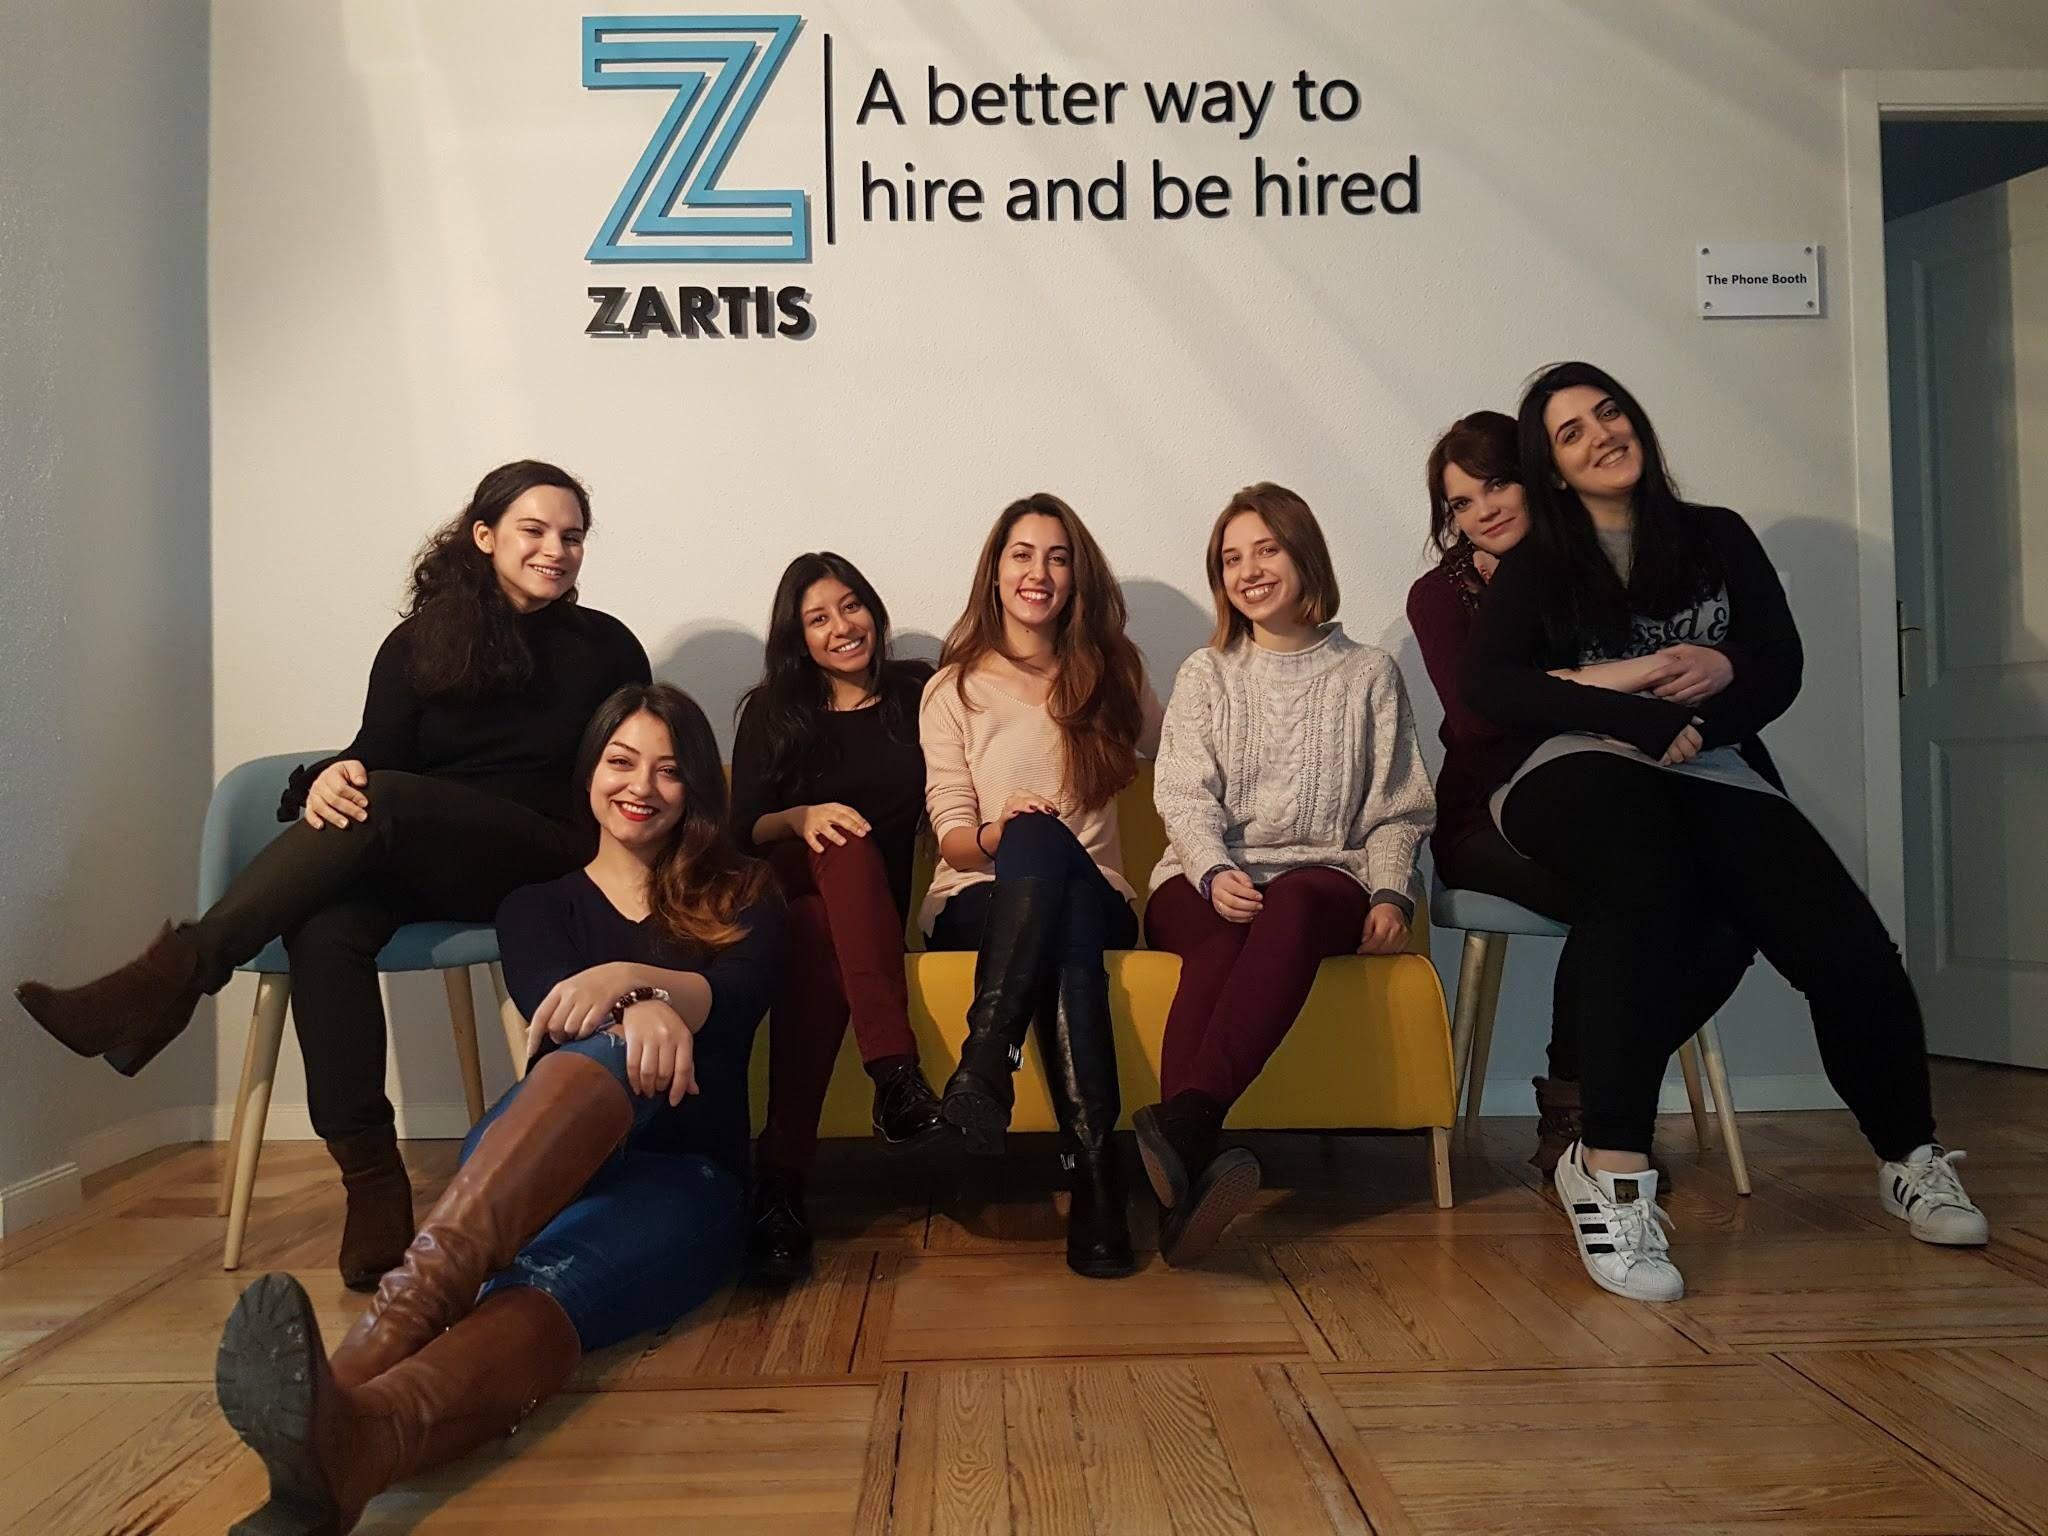 Servicios de reclutamiento y software para empresas en Madrid